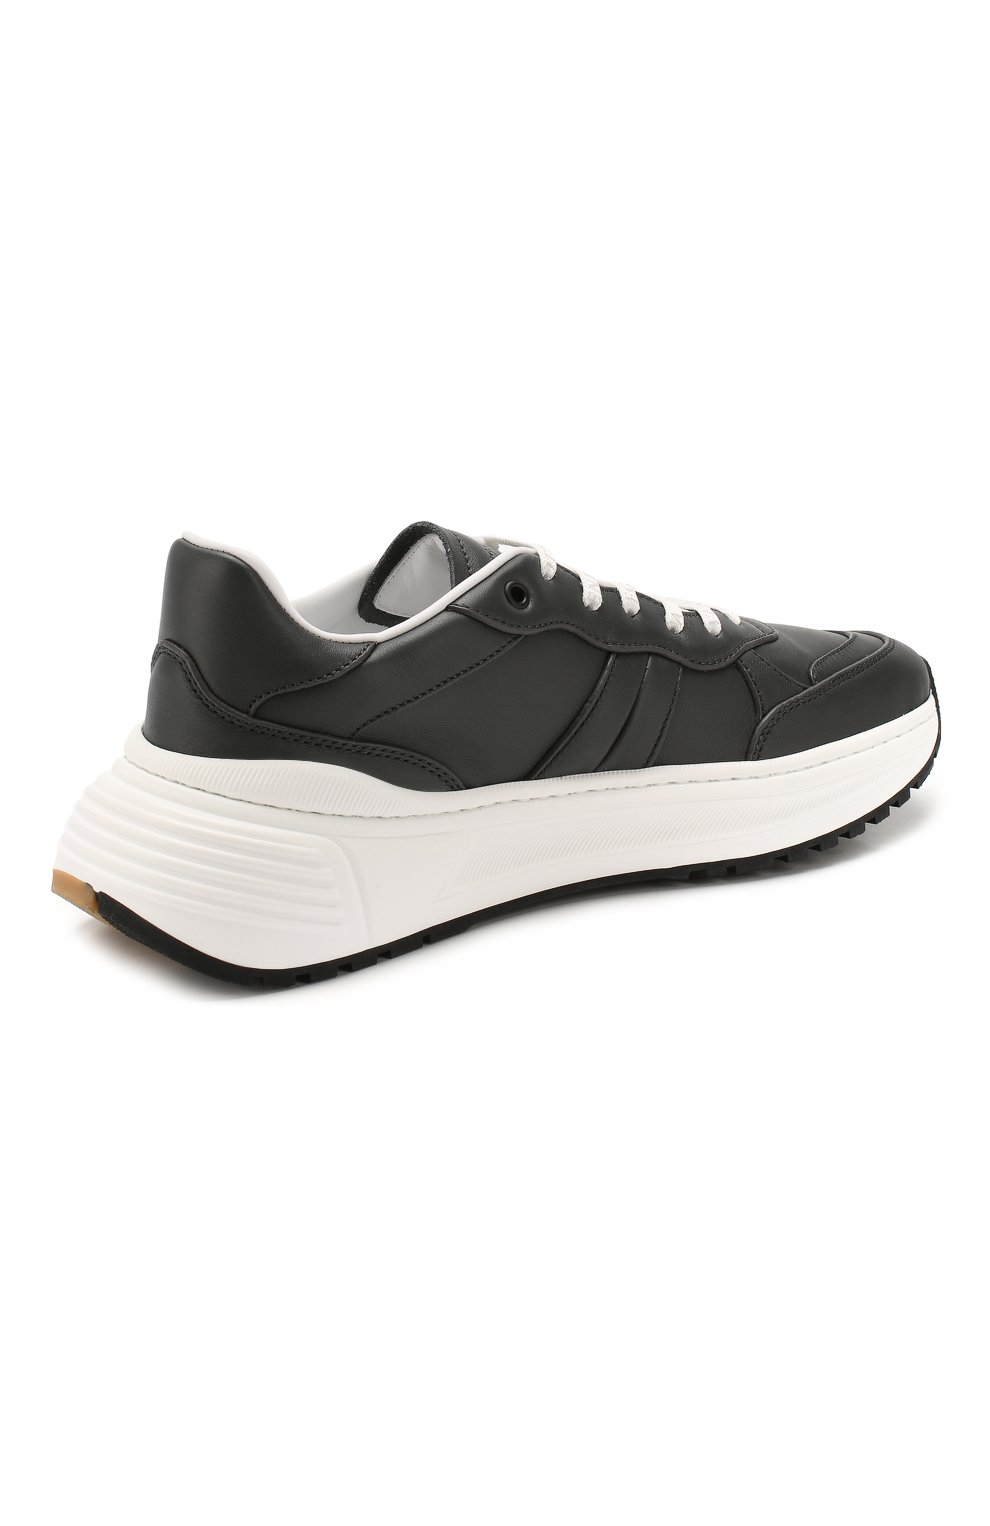 Мужские кожаные кроссовки BOTTEGA VENETA темно-серого цвета, арт. 565646/VT040 | Фото 4